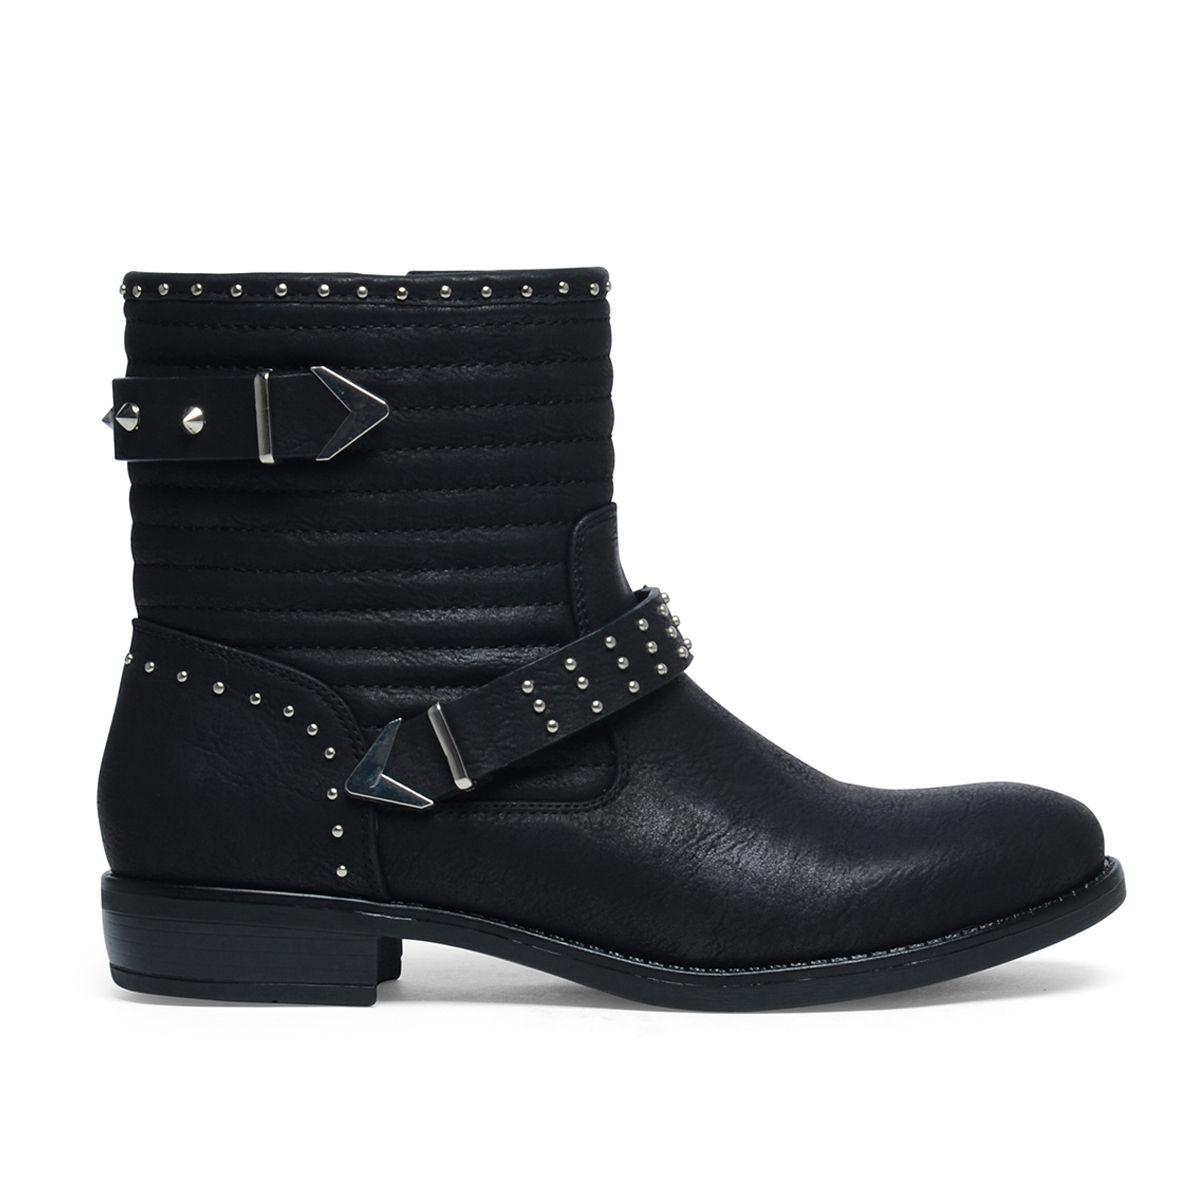 bottes noires avec clous | les tendances de cette saison: bottes